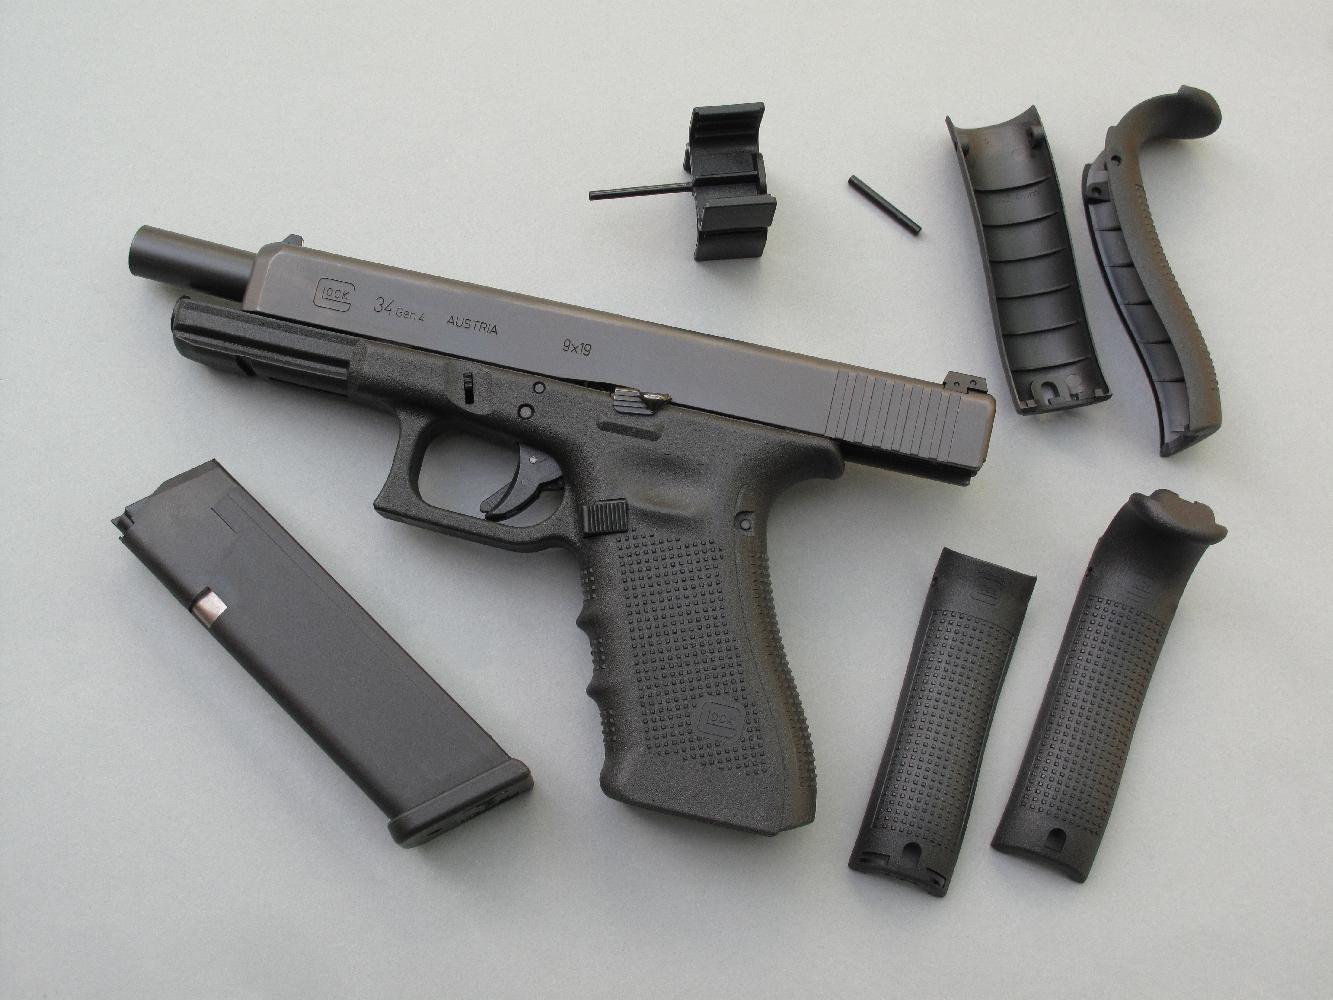 Le G34 est livré avec quatre dos, deux modèles « Medium » et deux « Large », afin de permettre à l'utilisateur de mieux adapter la prise en main de l'arme en fonction de sa morphologie. Les deux modèles proposés pour chaque taille diffèrent par la présence éventuelle d'une partie haute venant combler l'espace sous le busc. En l'absence de l'un ou l'autre de ces quatre dos amovibles et interchangeables, la poignée se trouve en configuration « Small ».